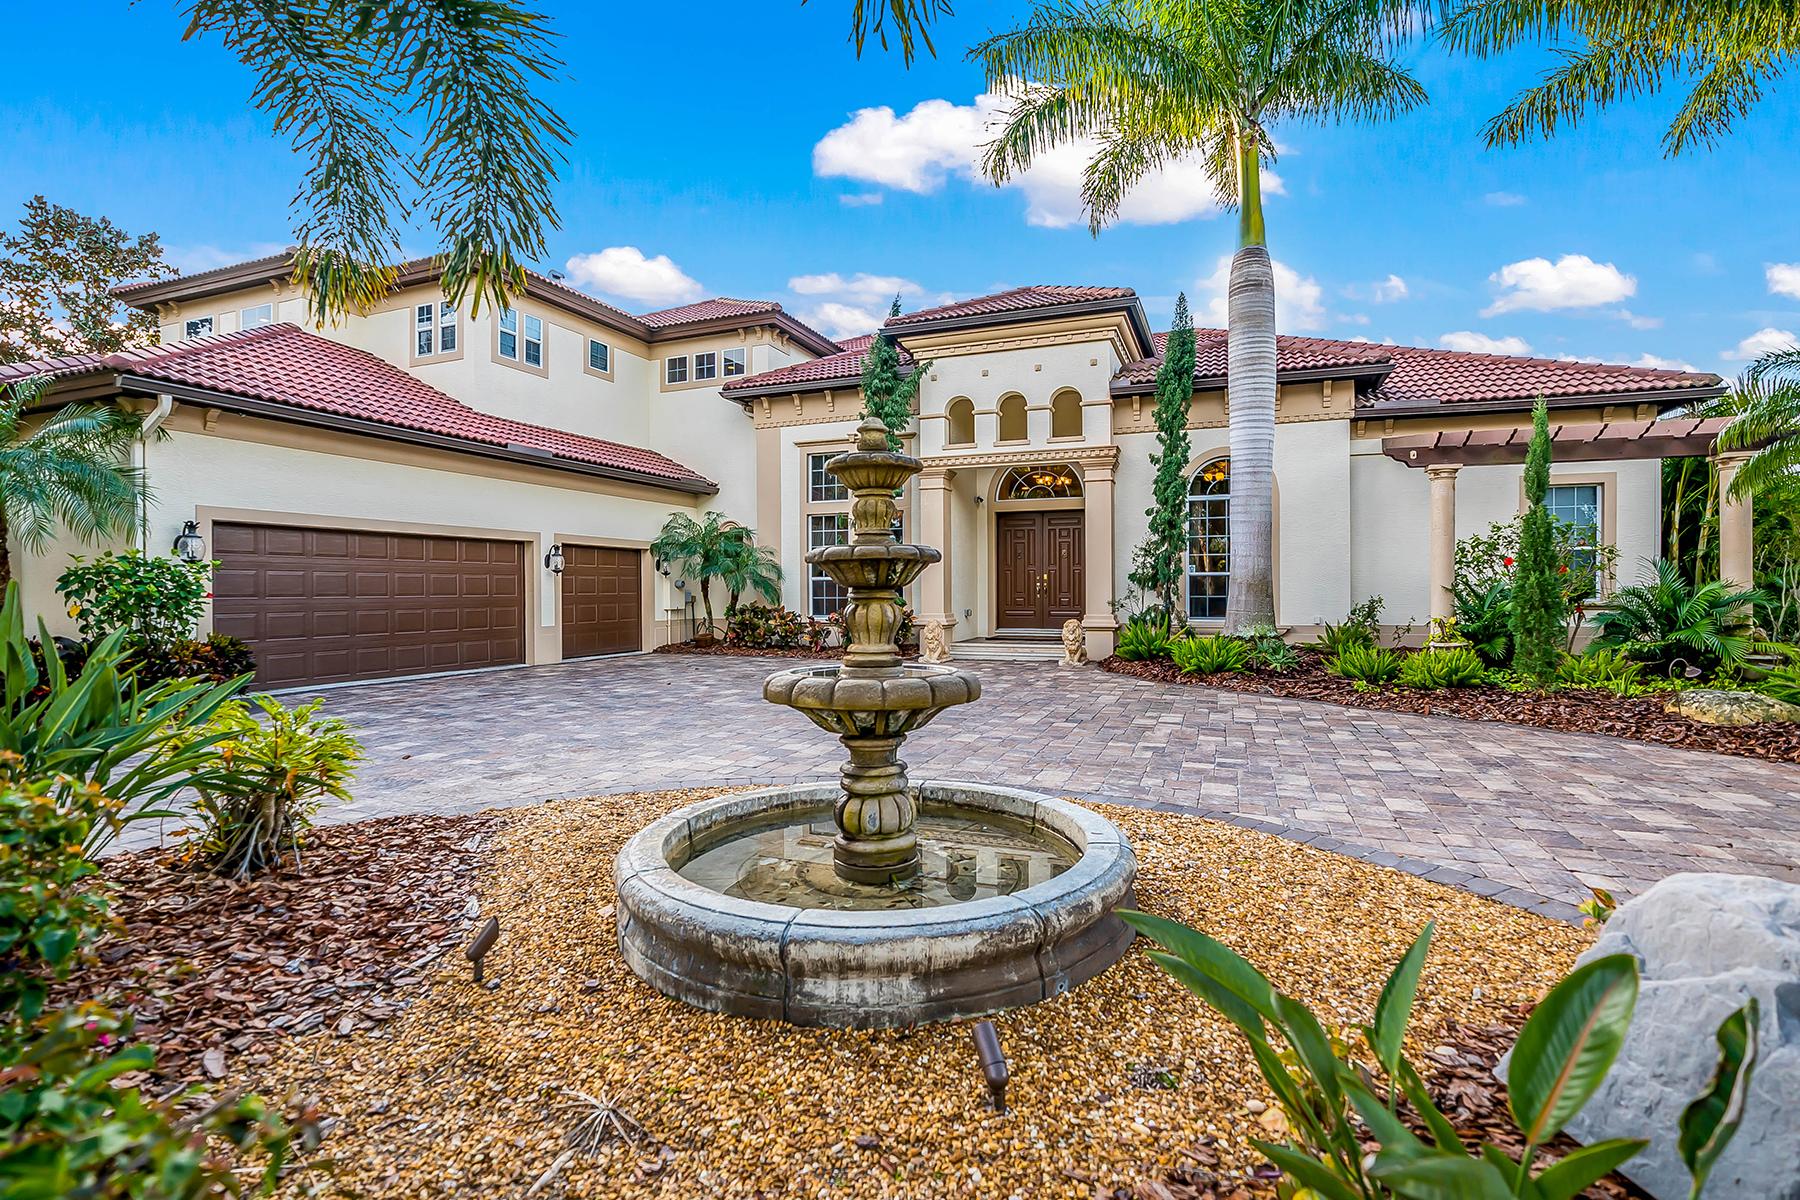 独户住宅 为 销售 在 SARASOTA 5340 Hunt Club Way, 萨拉索塔, 佛罗里达州, 34238 美国